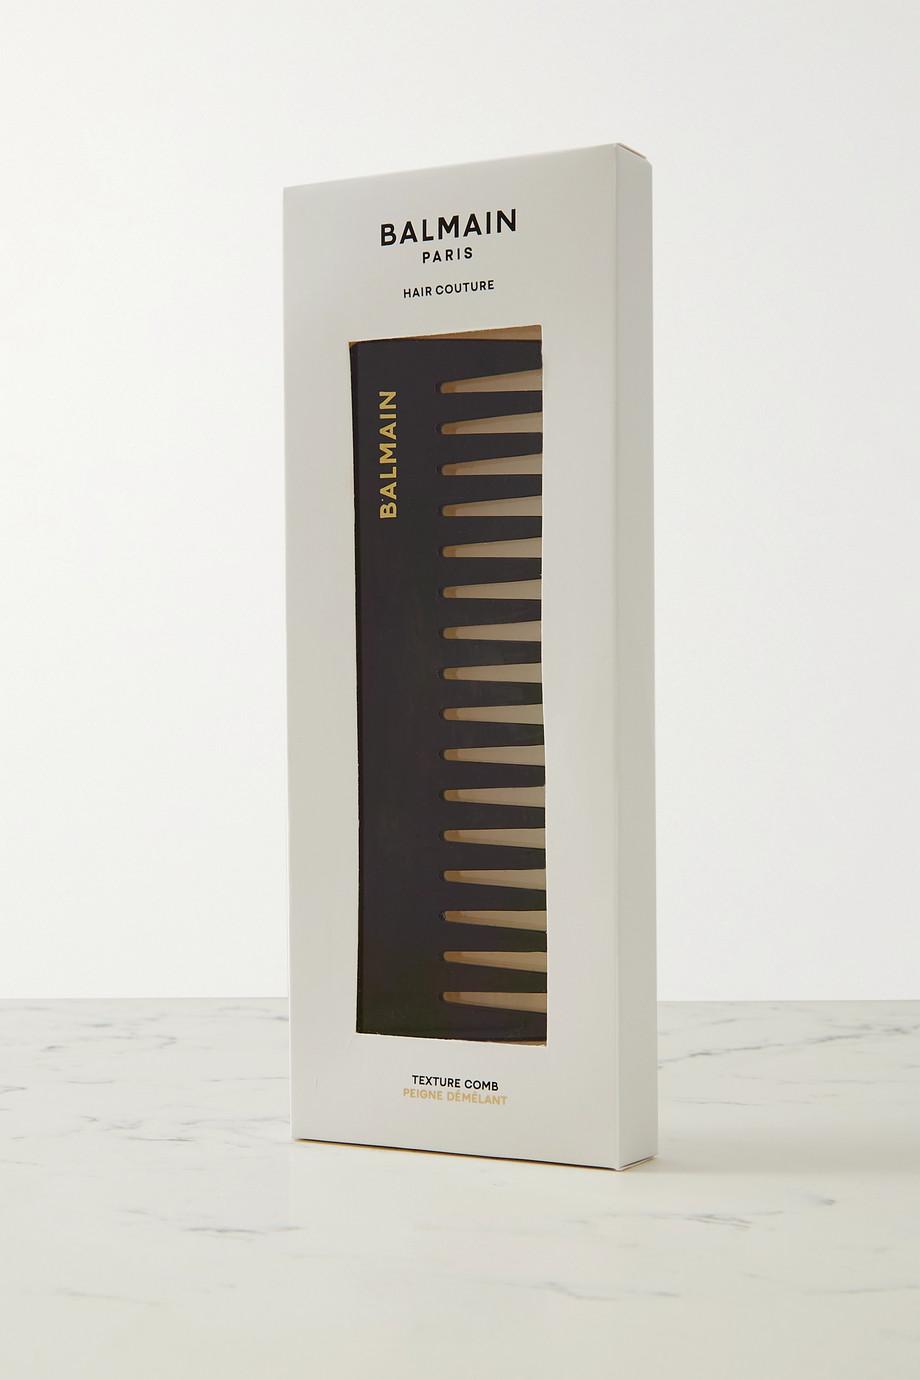 Balmain Paris Hair Couture Acetate Texture Comb